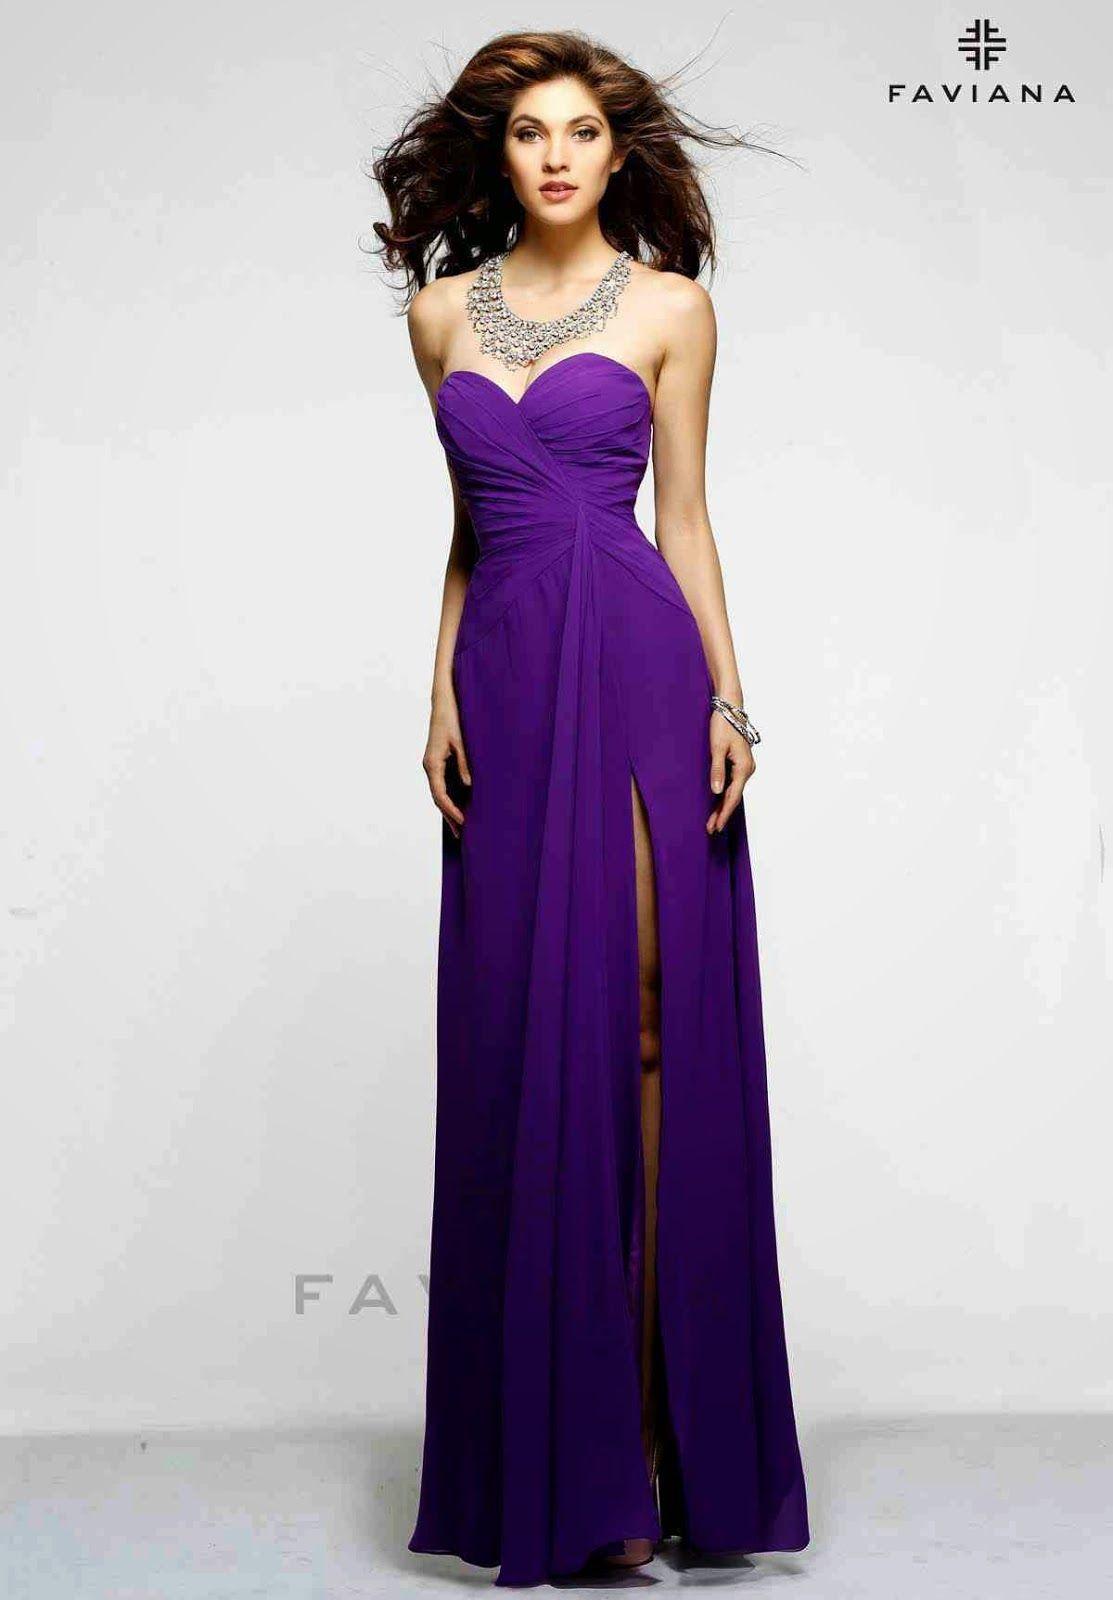 Elegantes vestidos de fiesta para ocasiones importantes | Vestidos ...